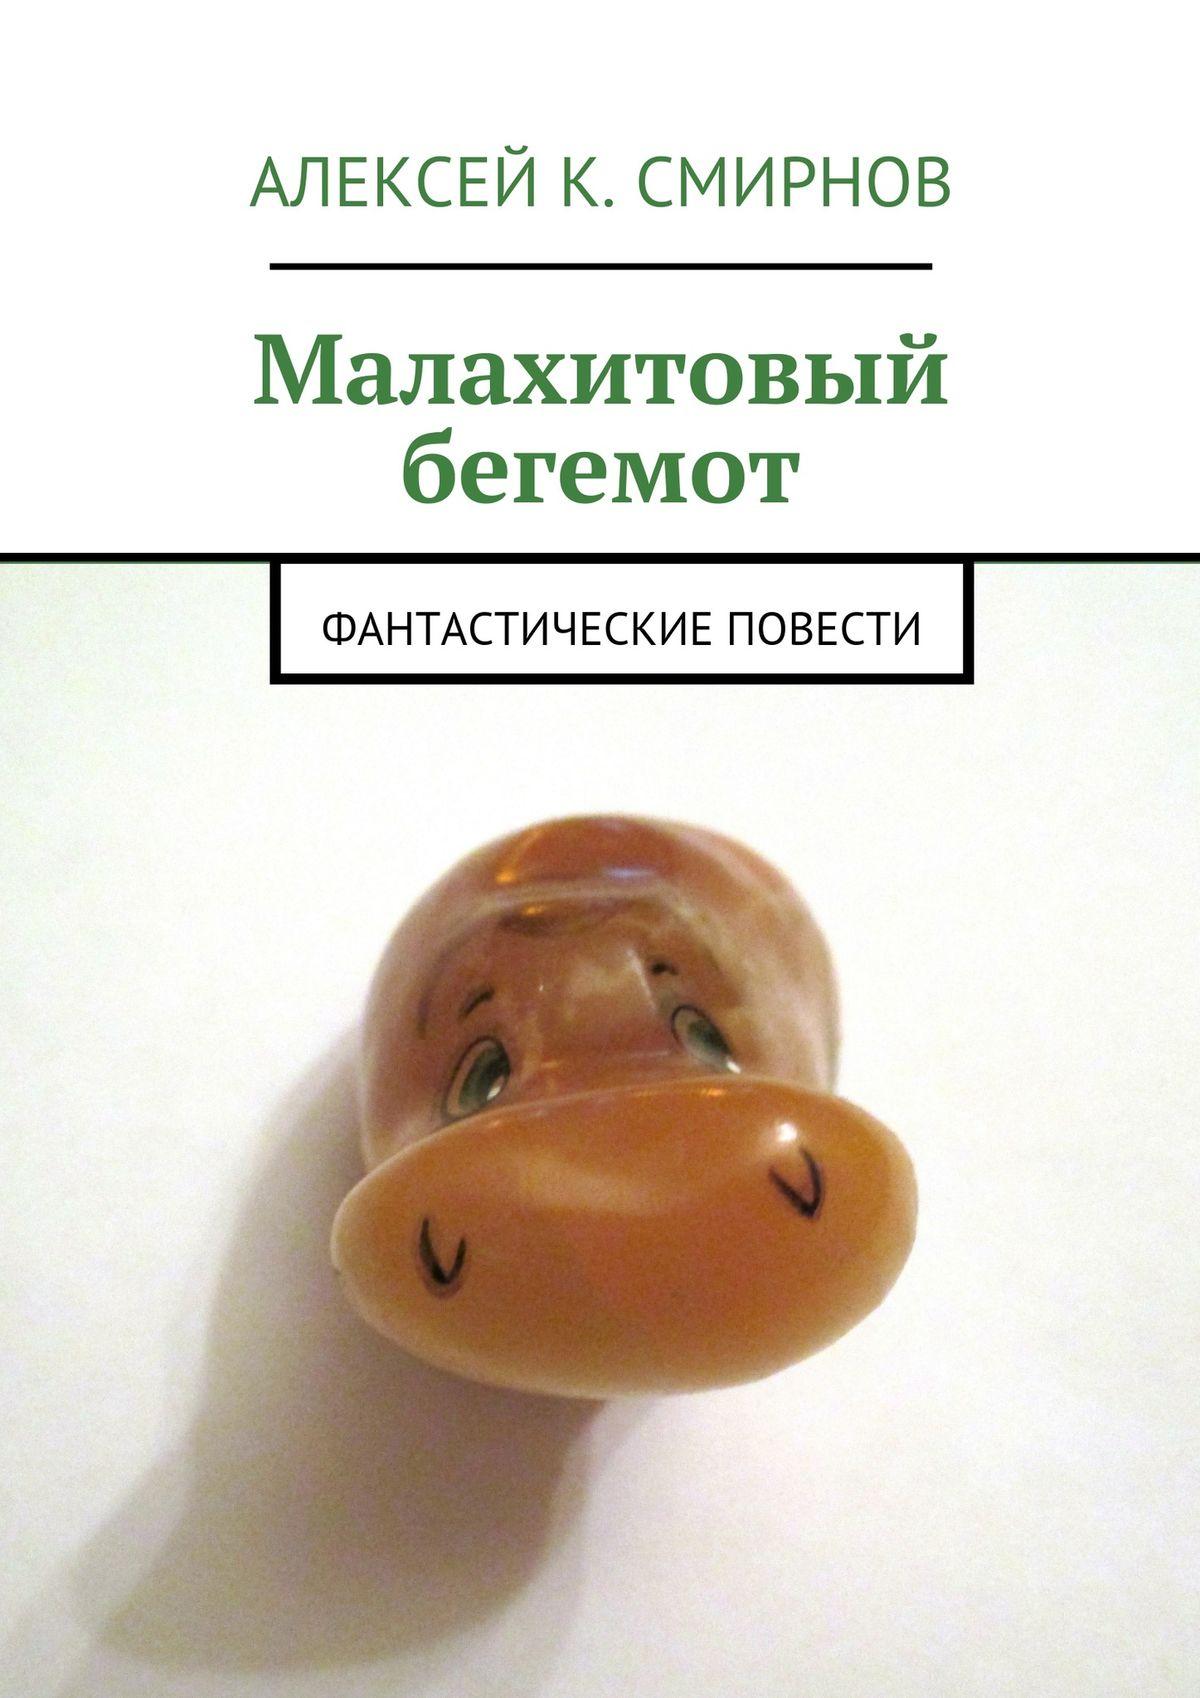 malakhitovyy begemot fantasticheskie povesti